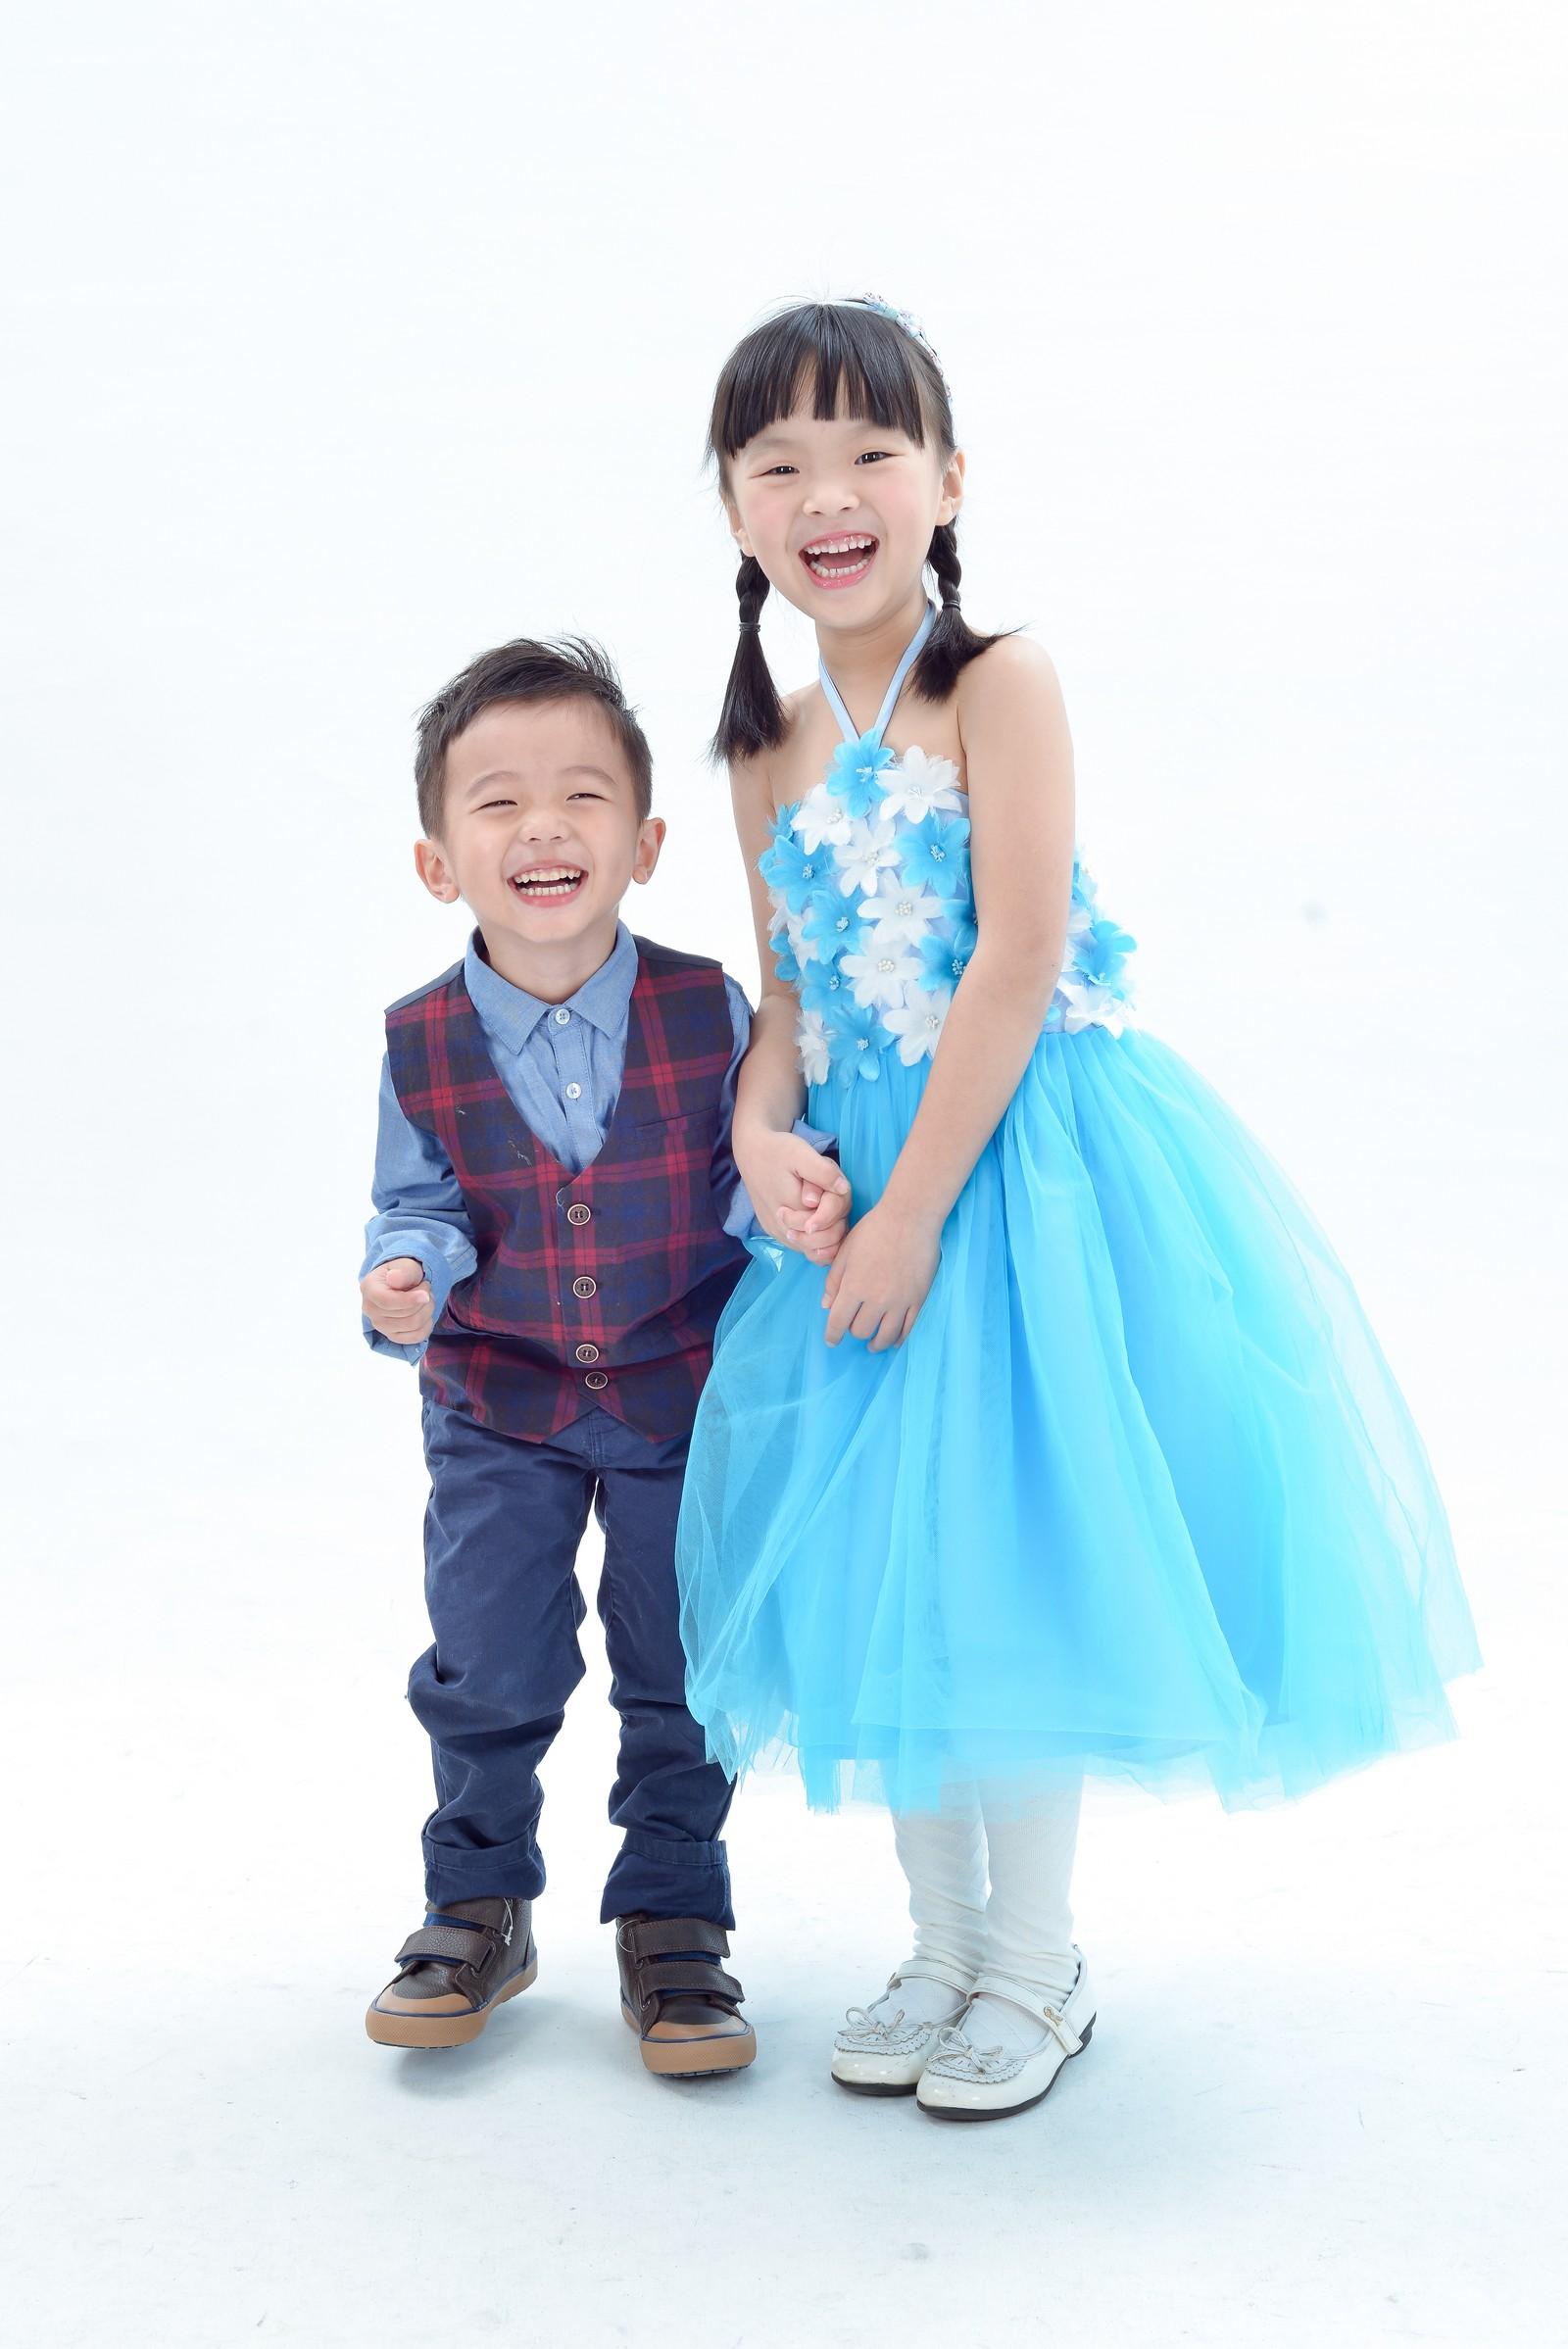 兒童寫真,兒童攝影,婚紗攝影師,自助婚紗,bb23